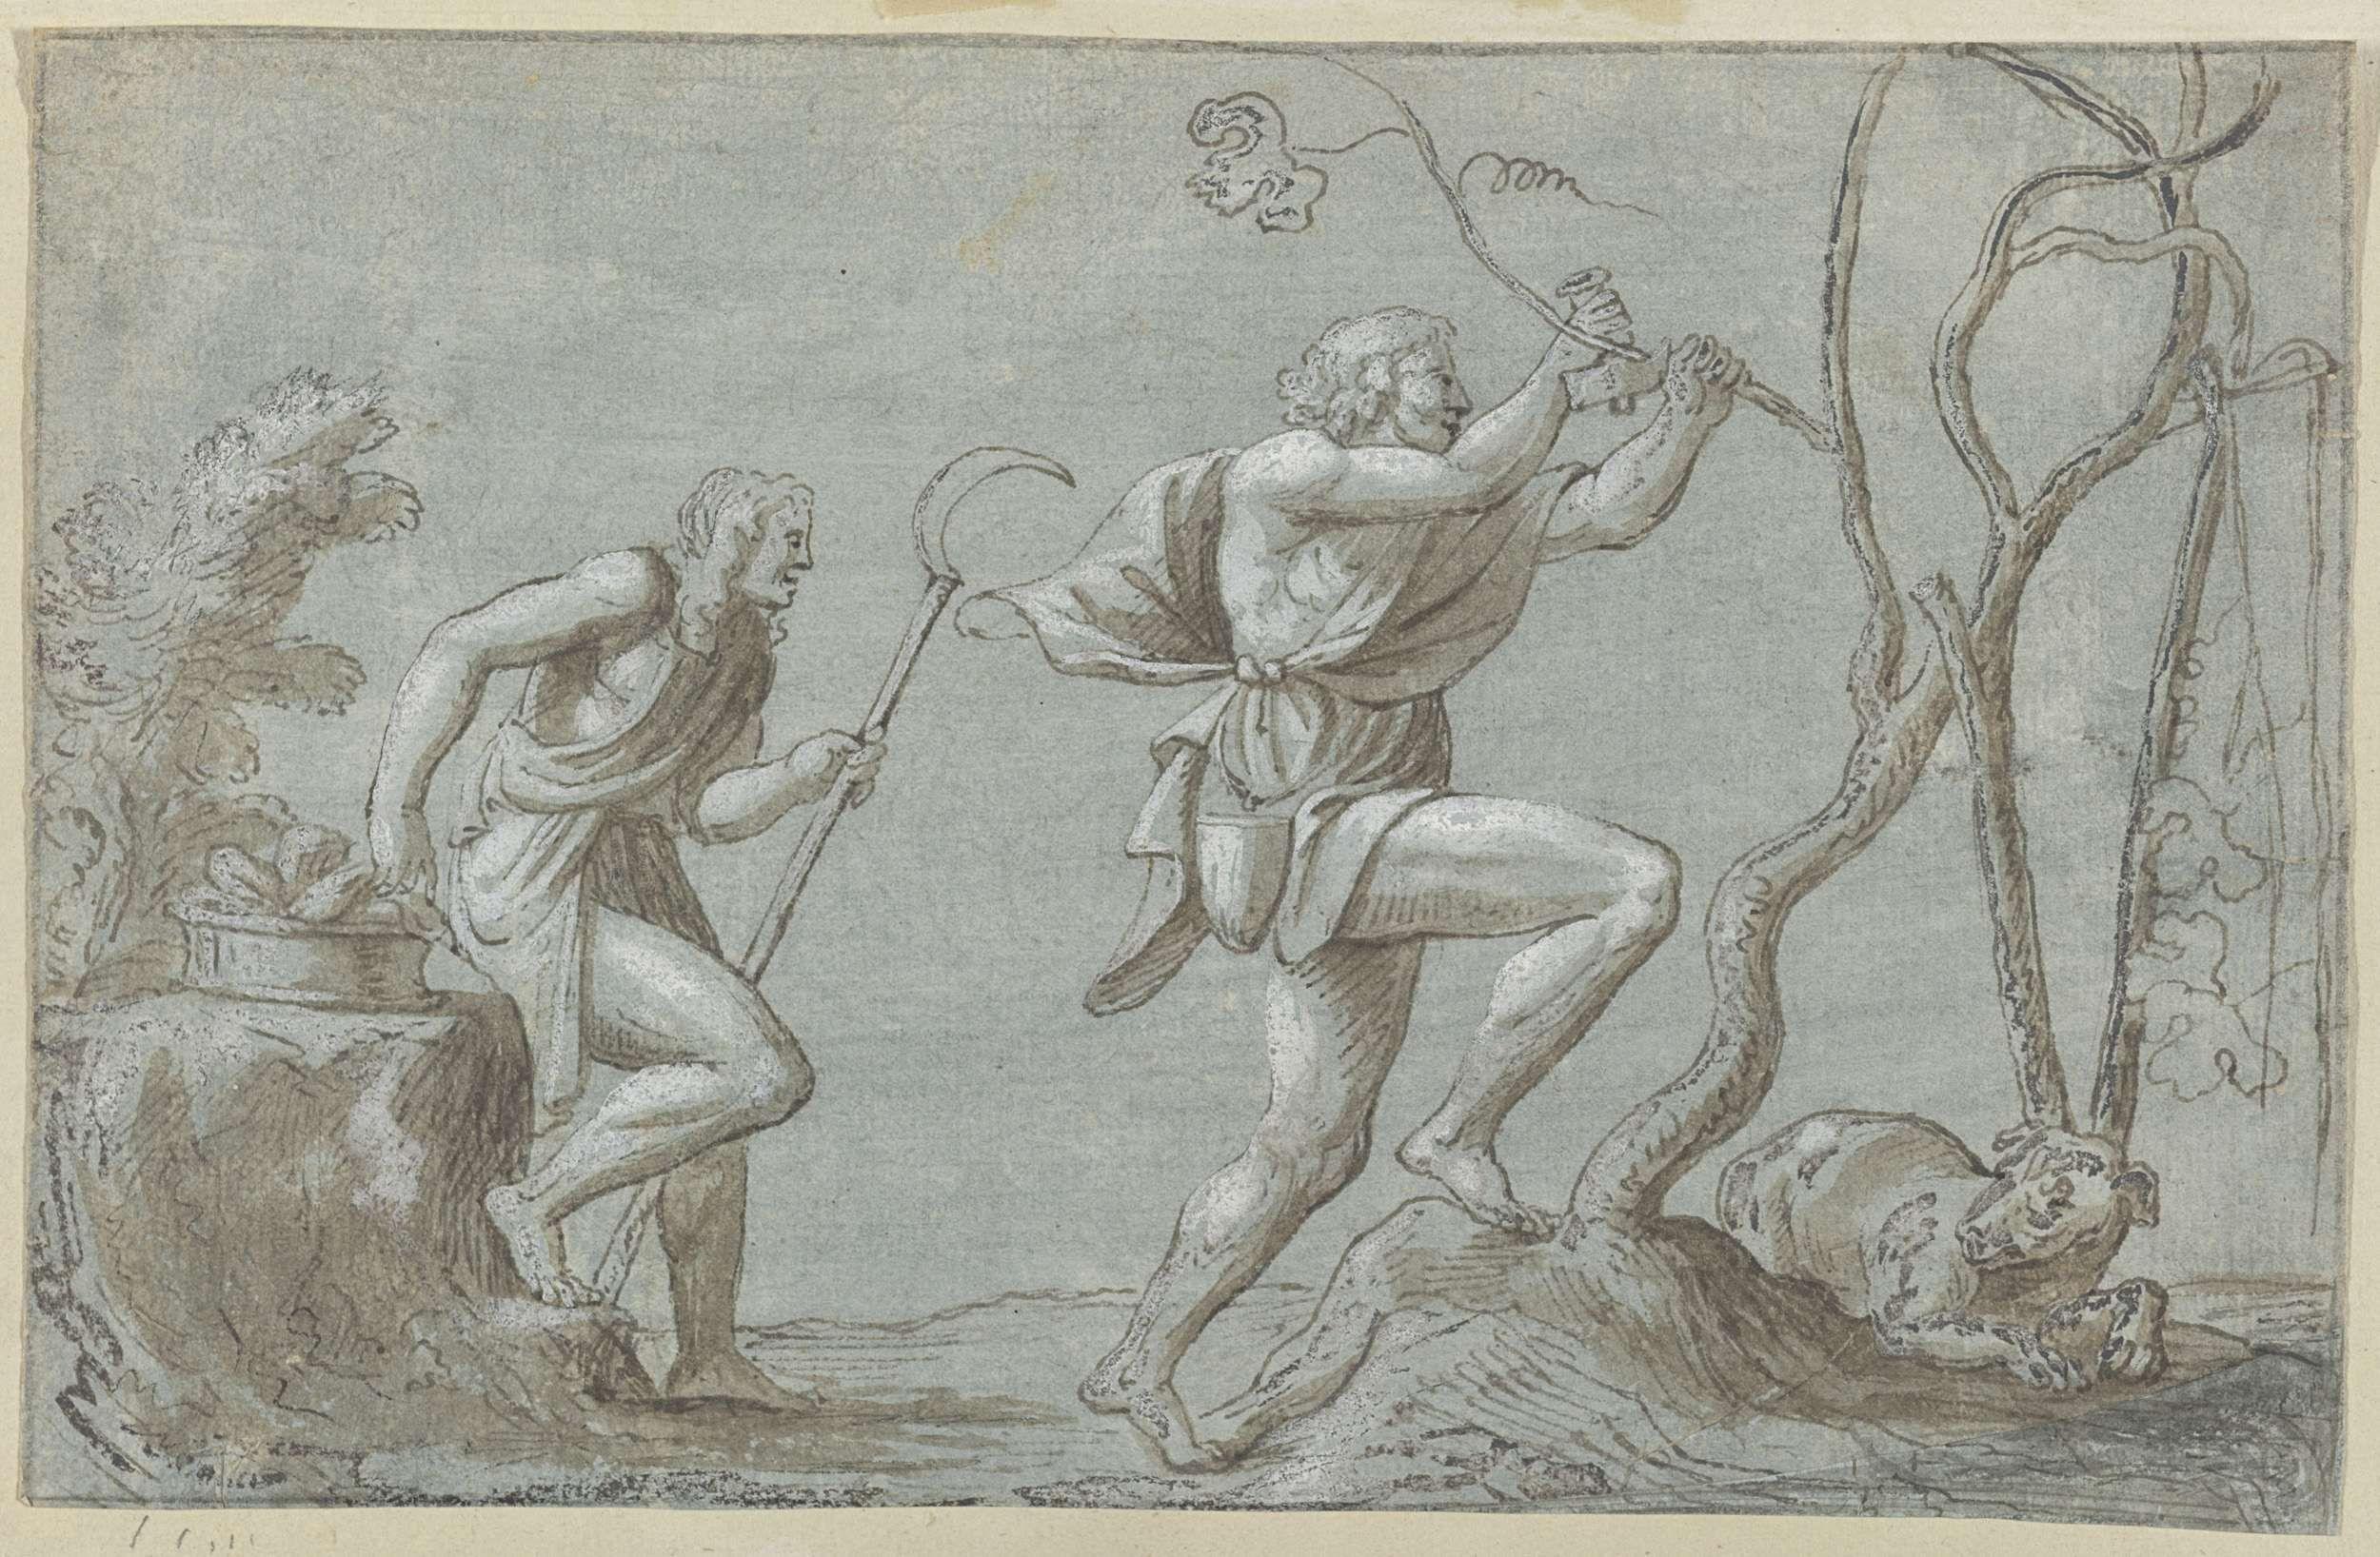 Anonymous | Twee mannen in een landschap, Anonymous, 1700 - 1799 |